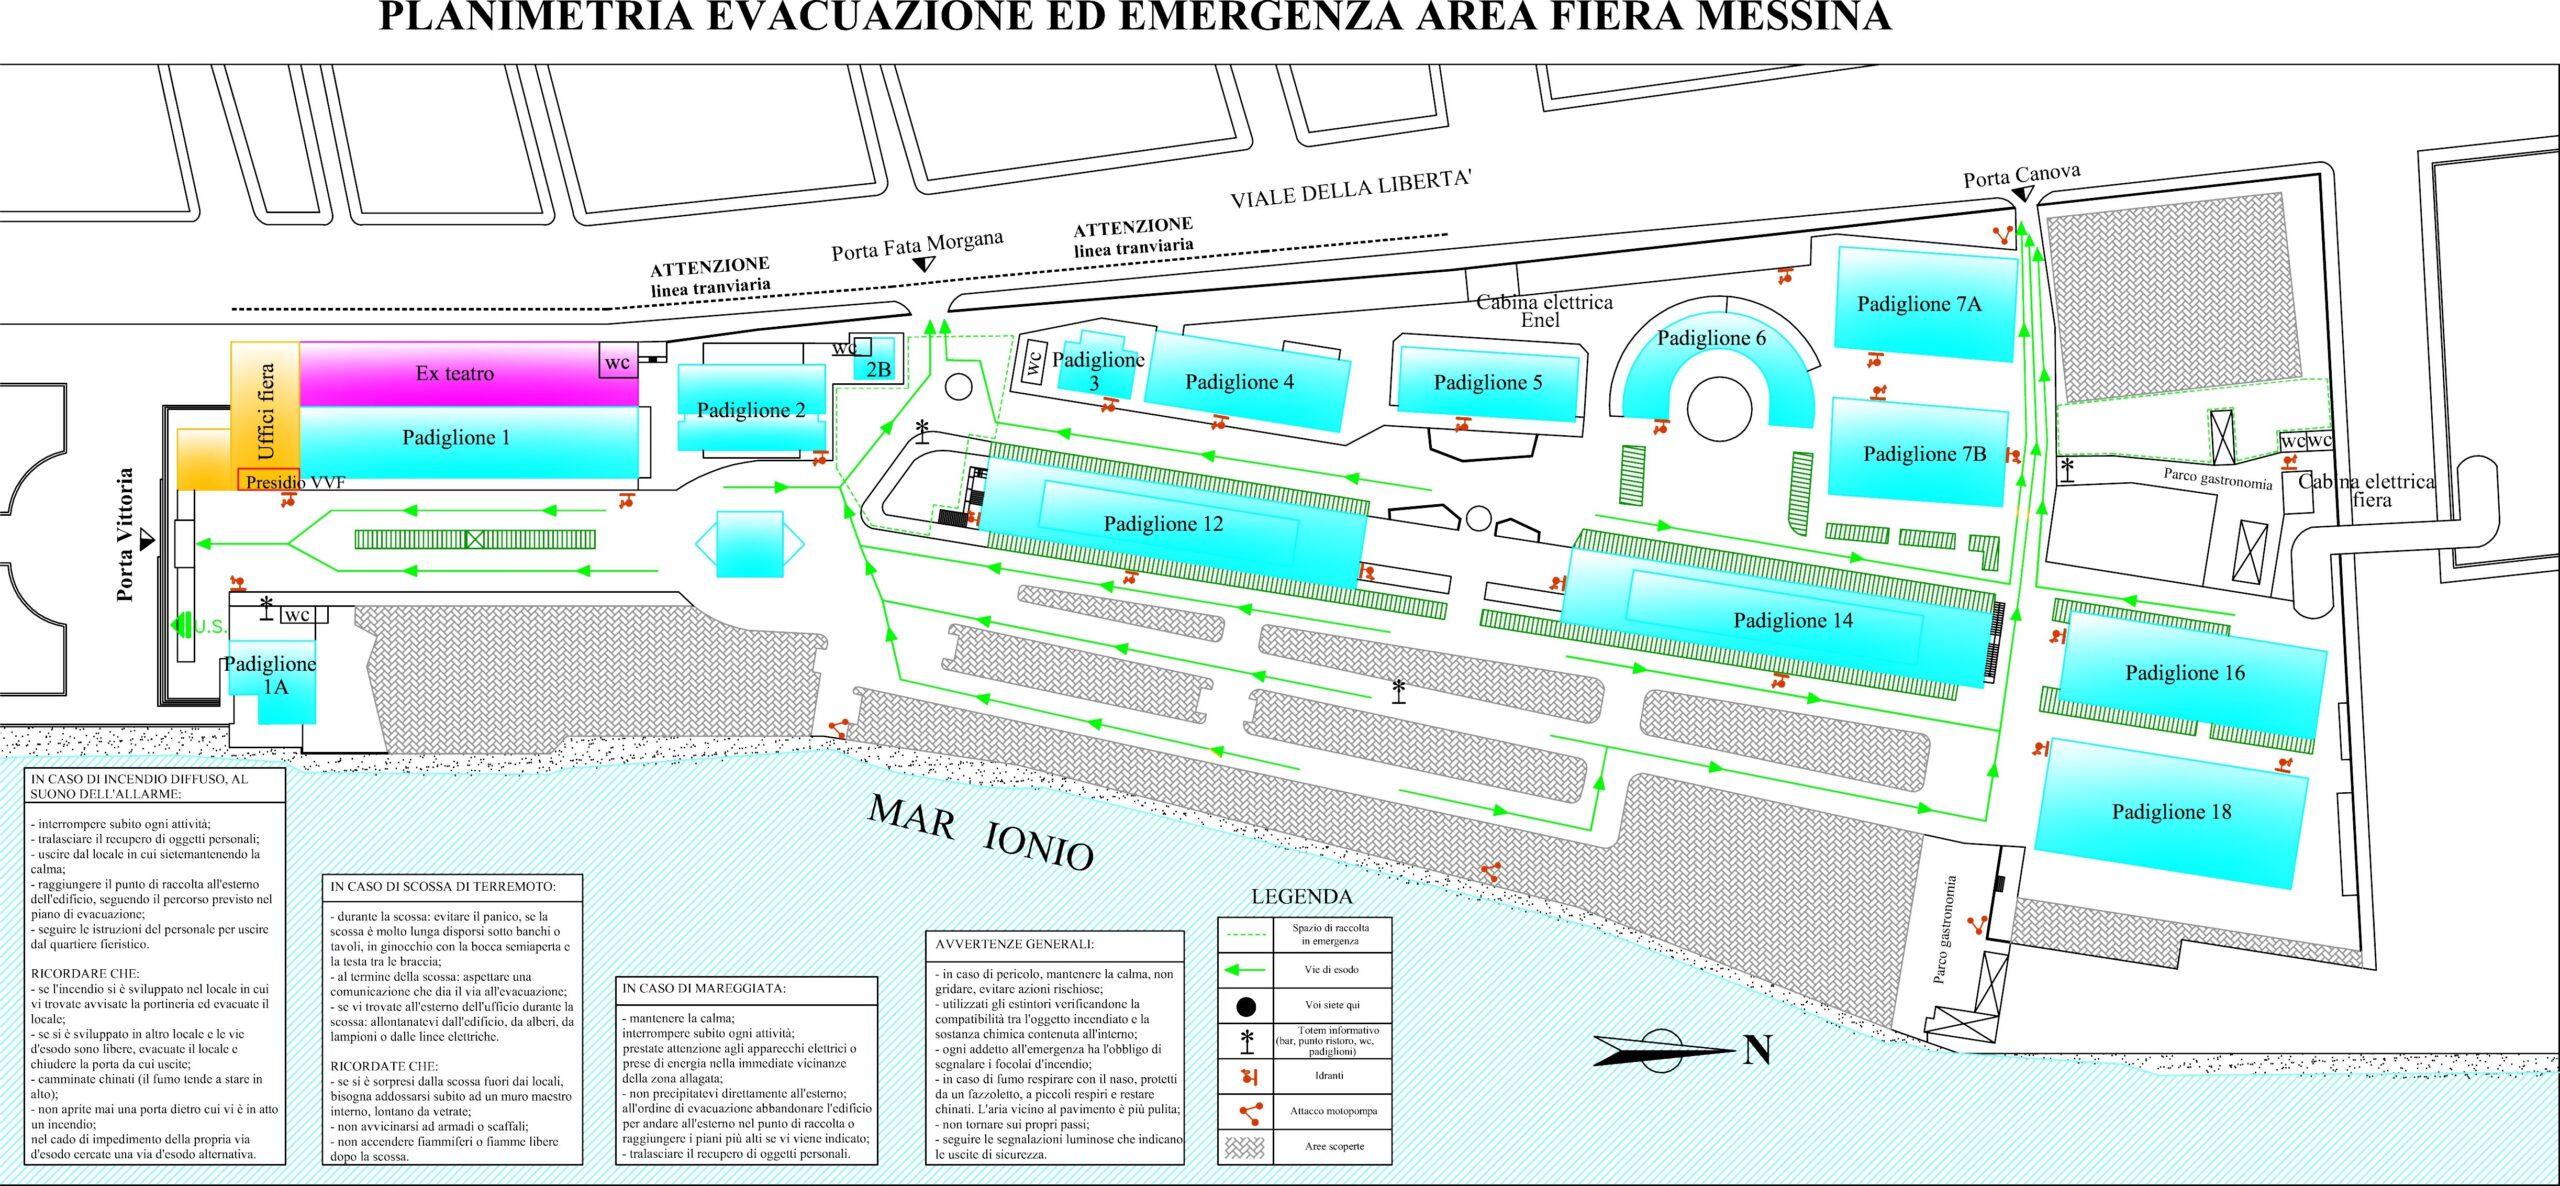 2. Elaborato grafico del piano di evacuazione ed emergenza area fiera Messina: stato di progetto.